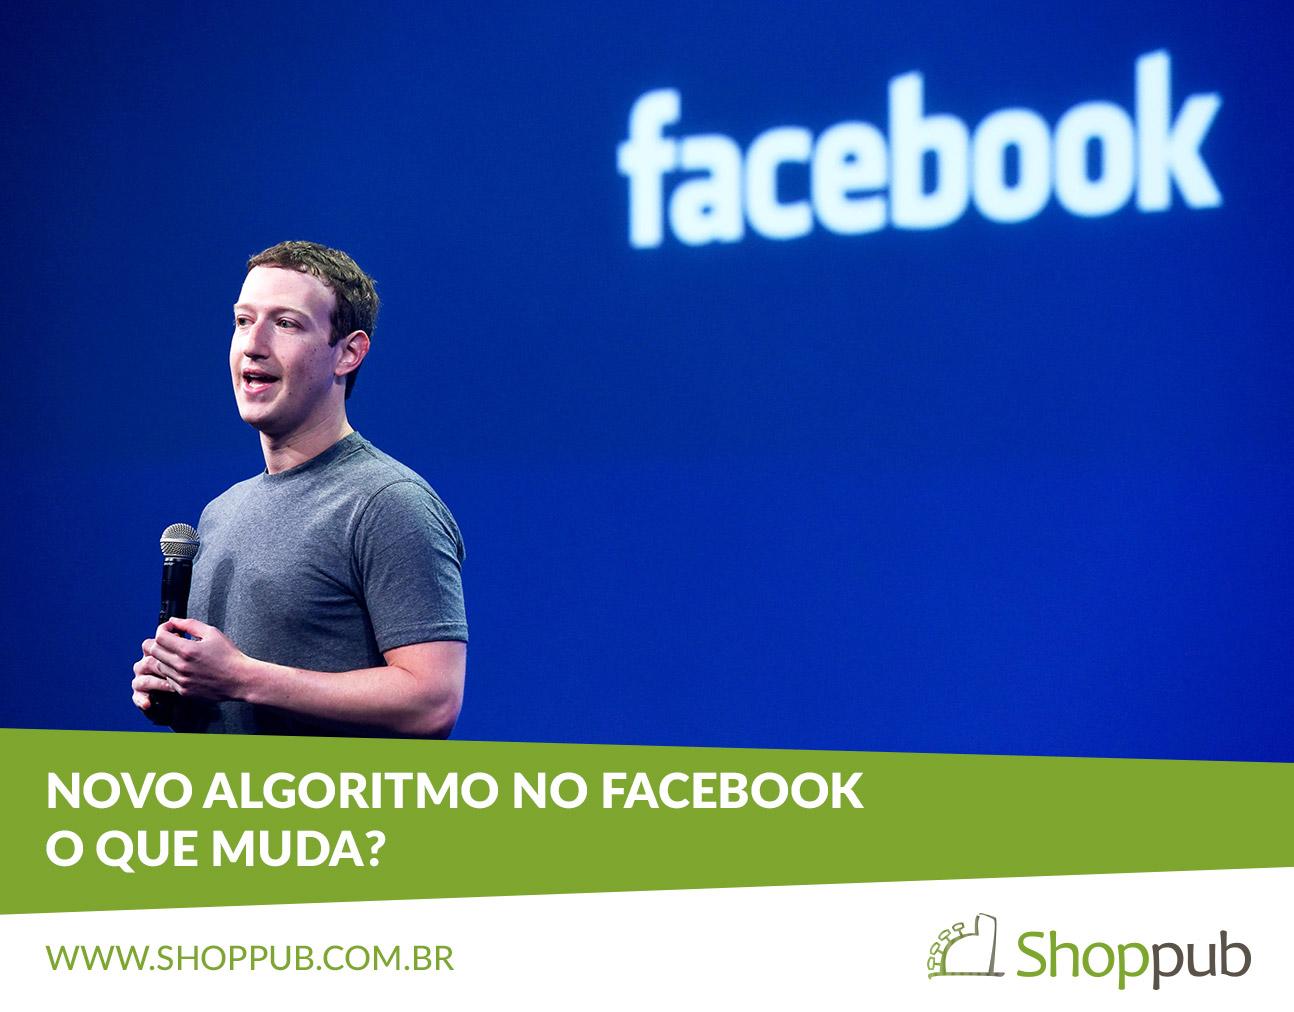 Novo algoritmo no Facebook: o que muda?